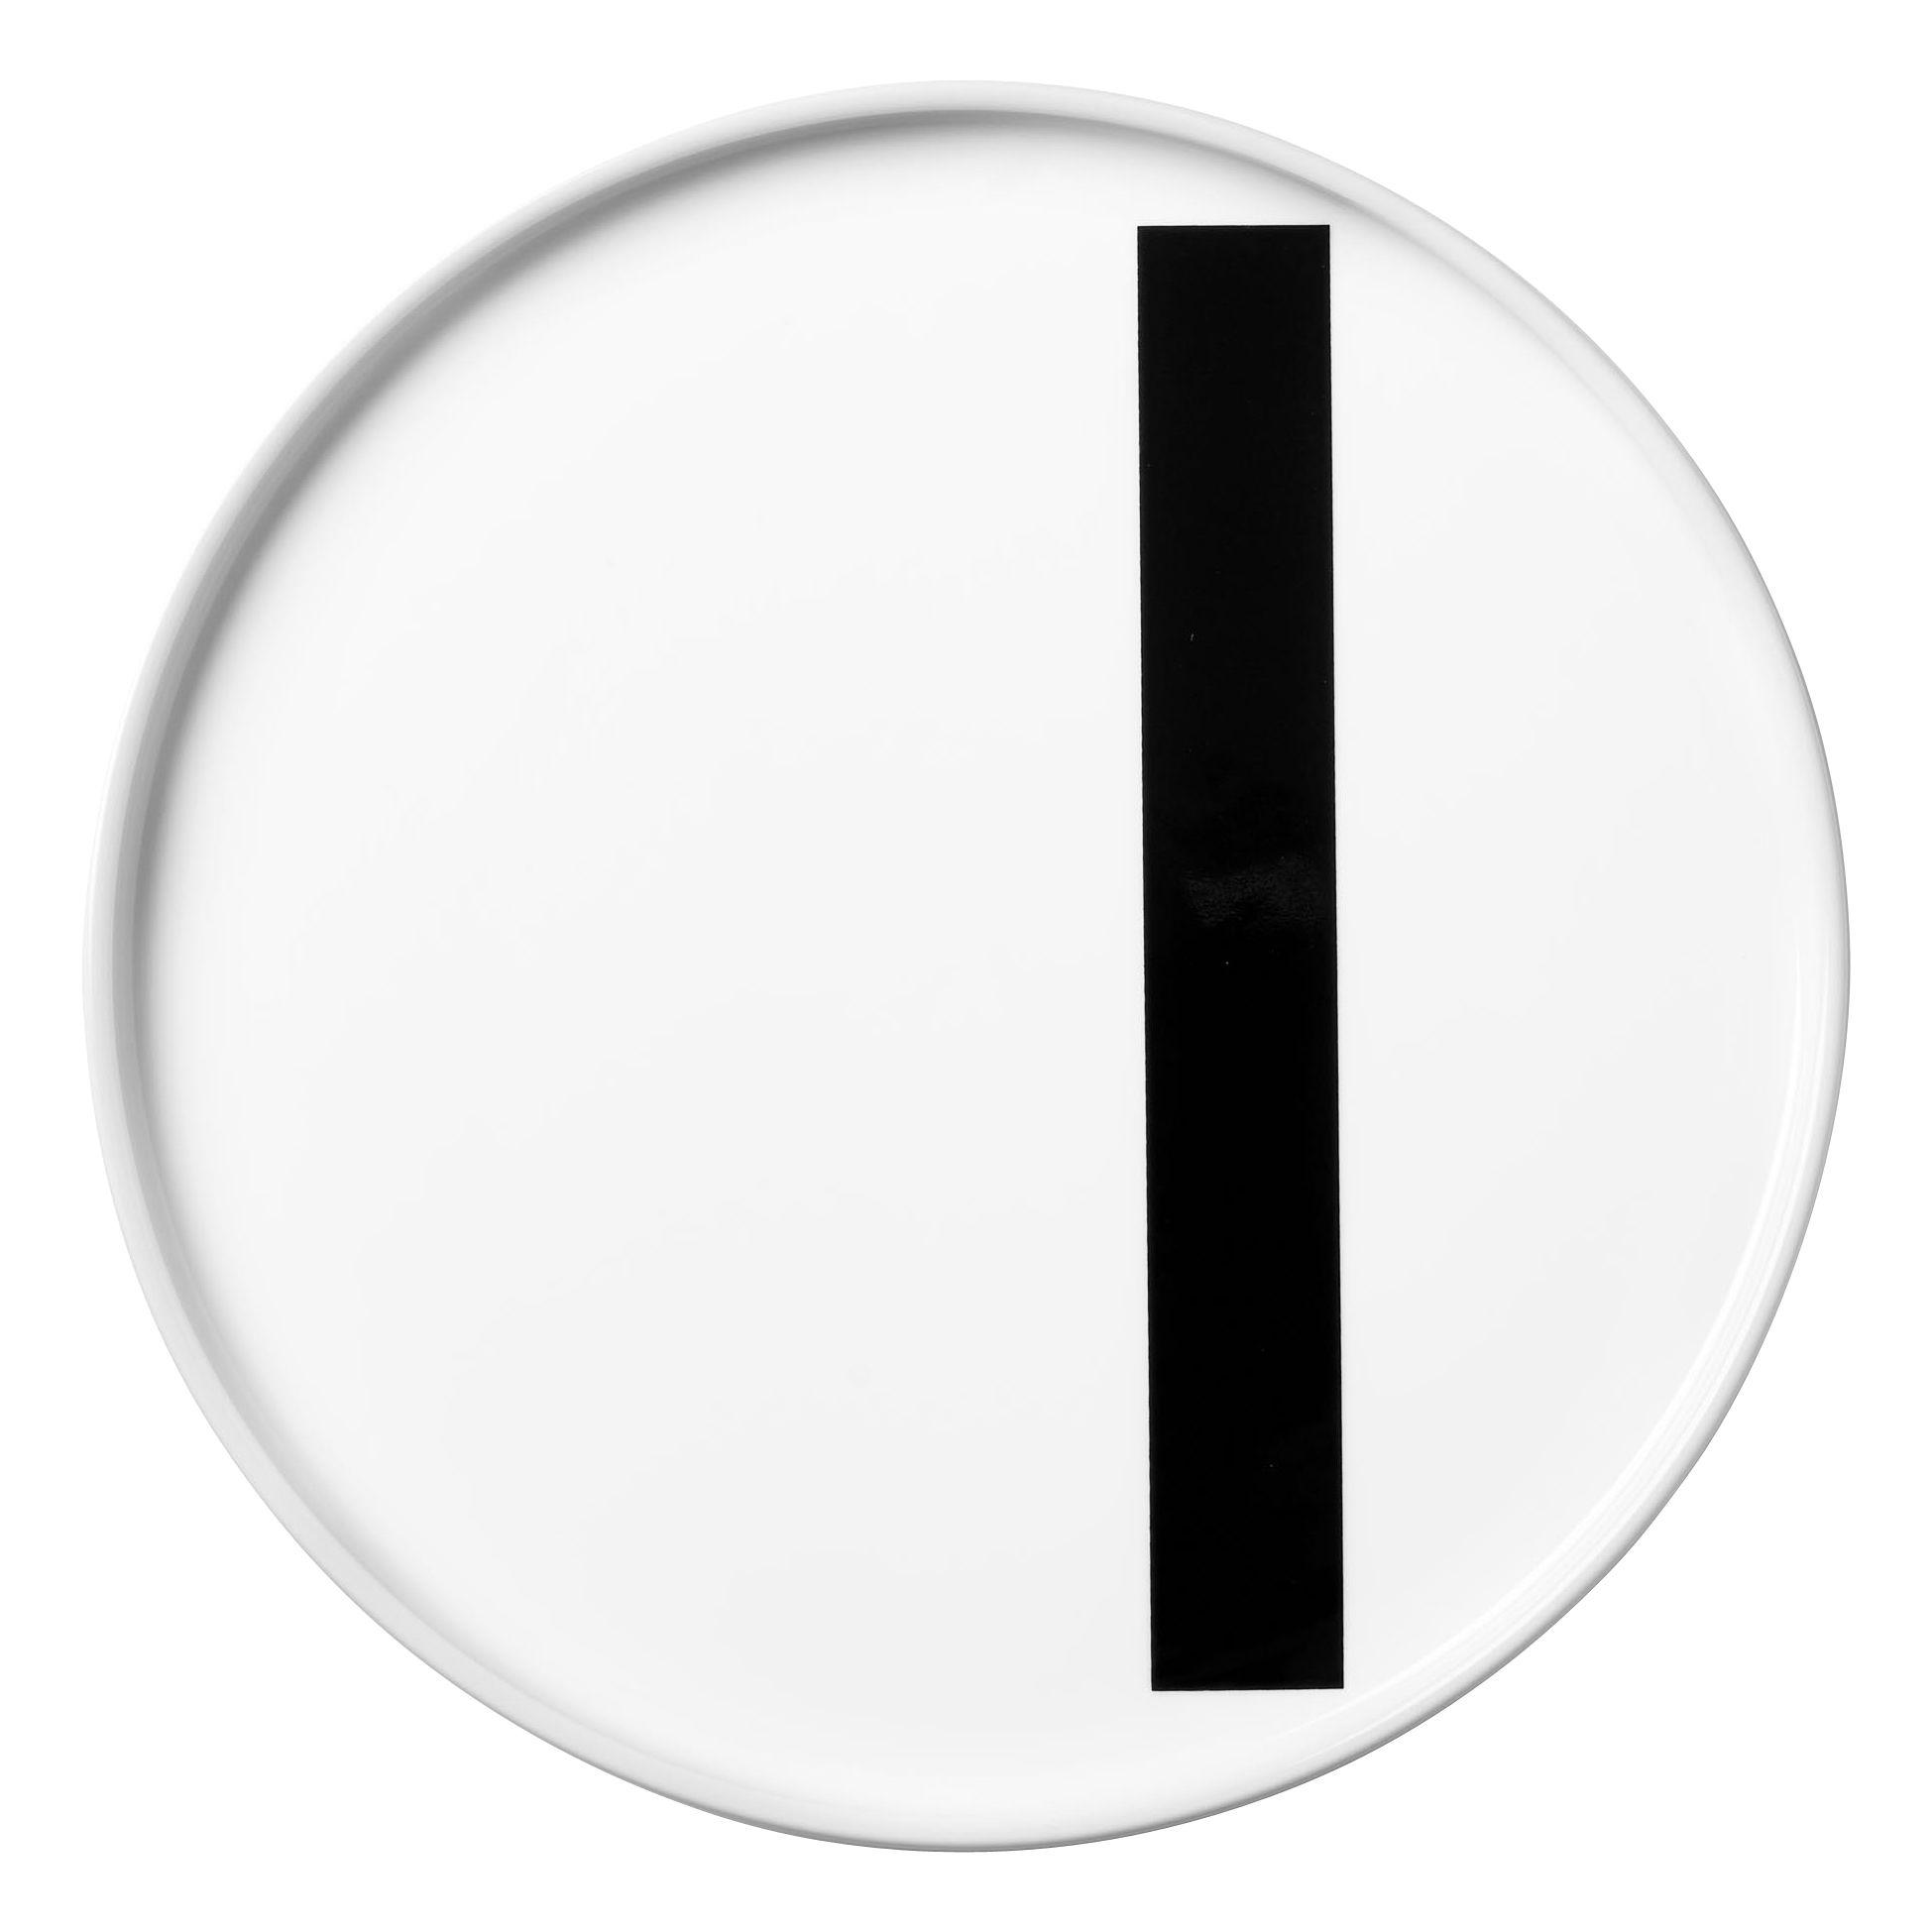 Tavola - Piatti  - Piatto A-Z / Porcellana - Lettera I - Ø 20 cm - Design Letters - Bianco / Lettera I - Porcellana cinese